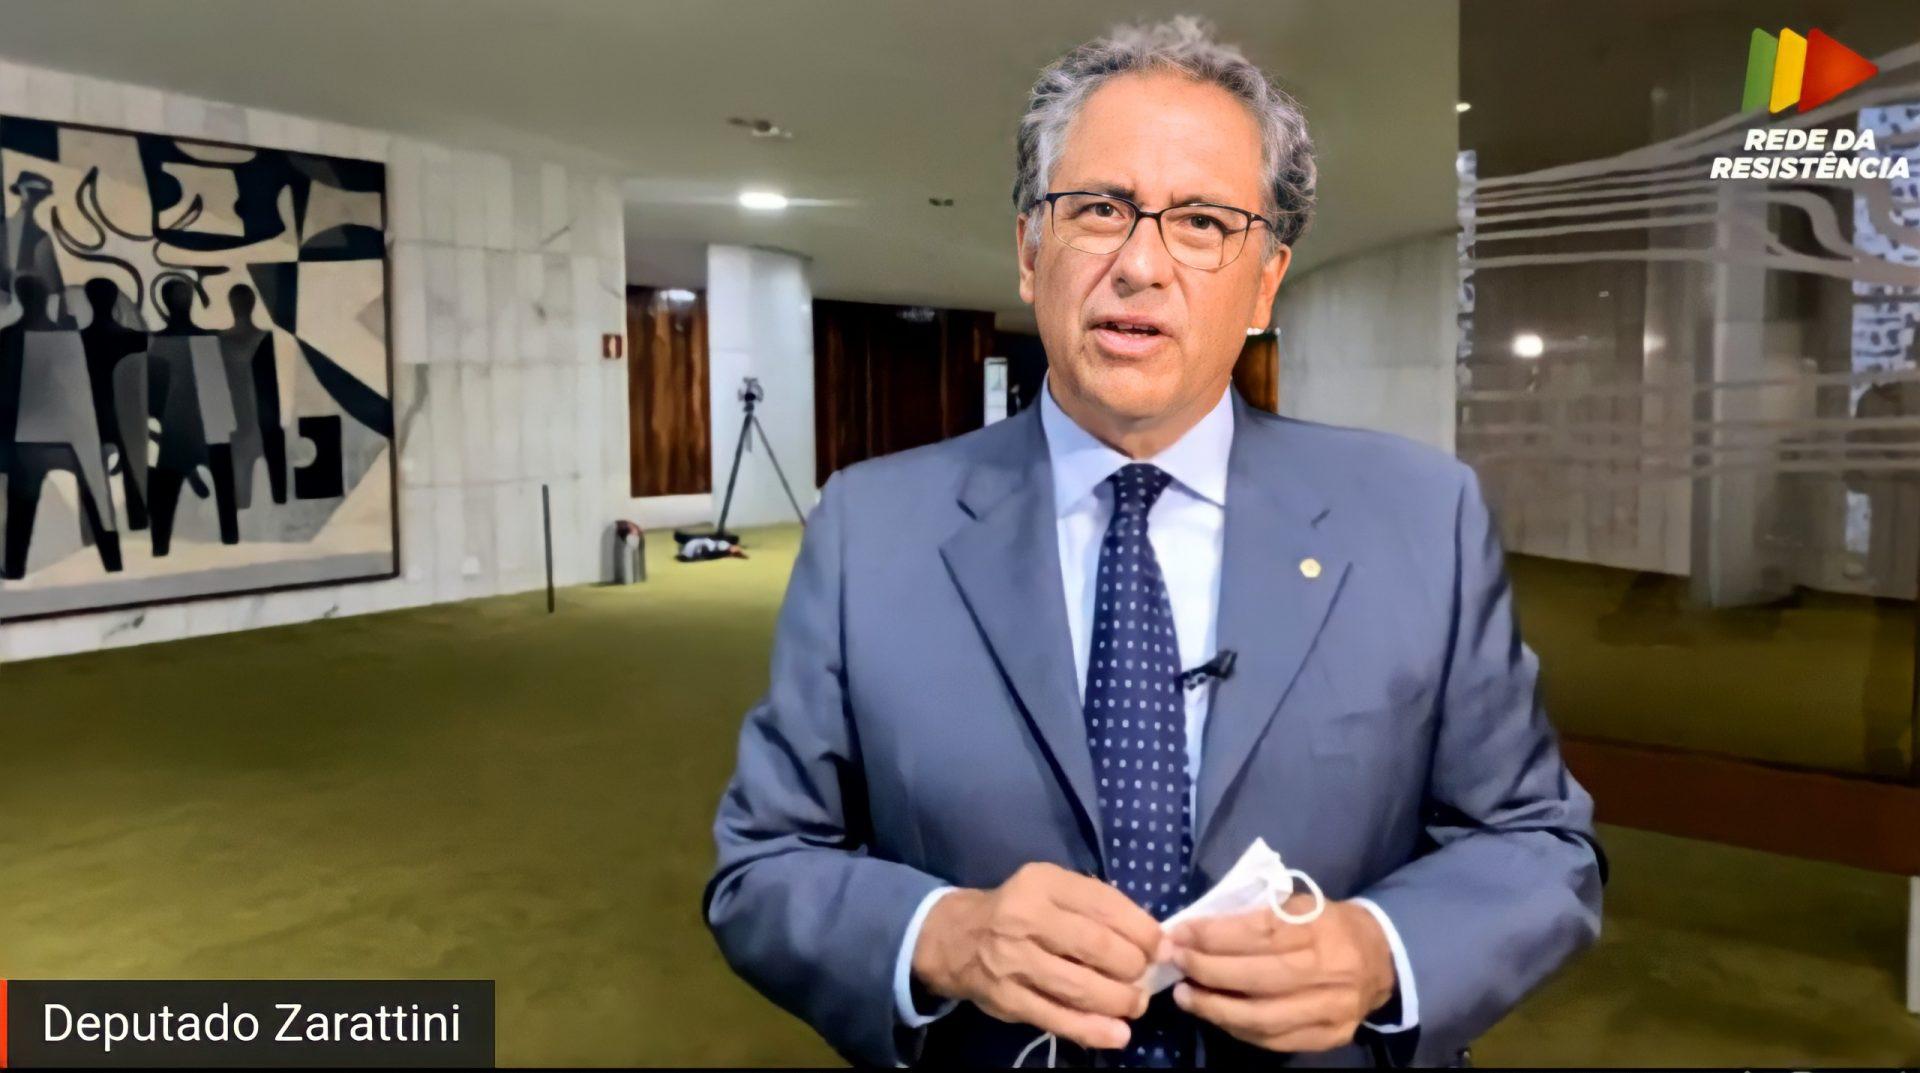 """""""A autonomia do Banco Central é um erro e pode colocar a política econômica e monetária do Brasil em risco"""", diz Zarattini"""